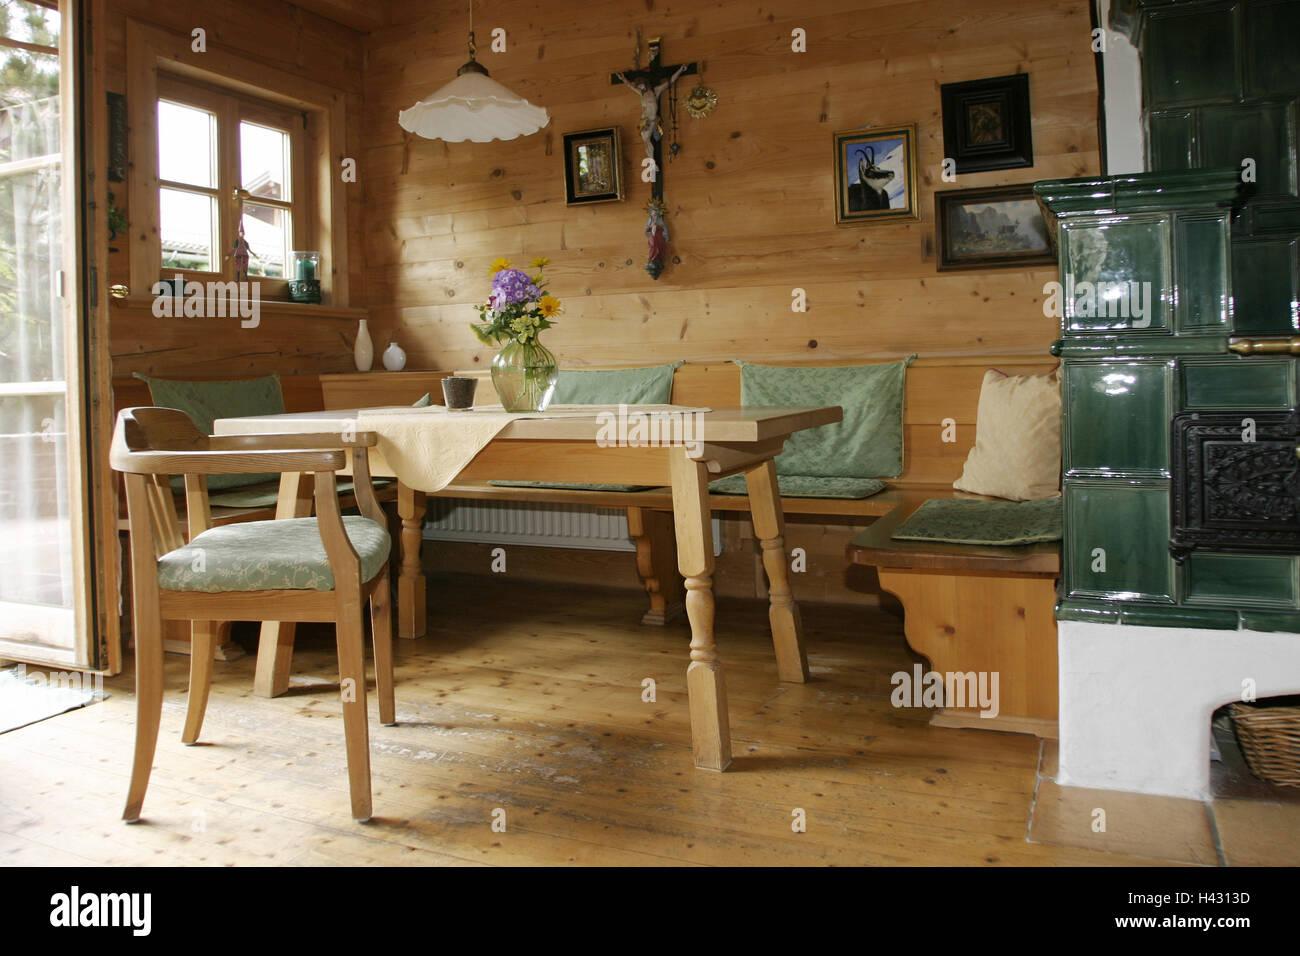 wohnraum kachelofen zimmer bauernstube kuche wohnraum